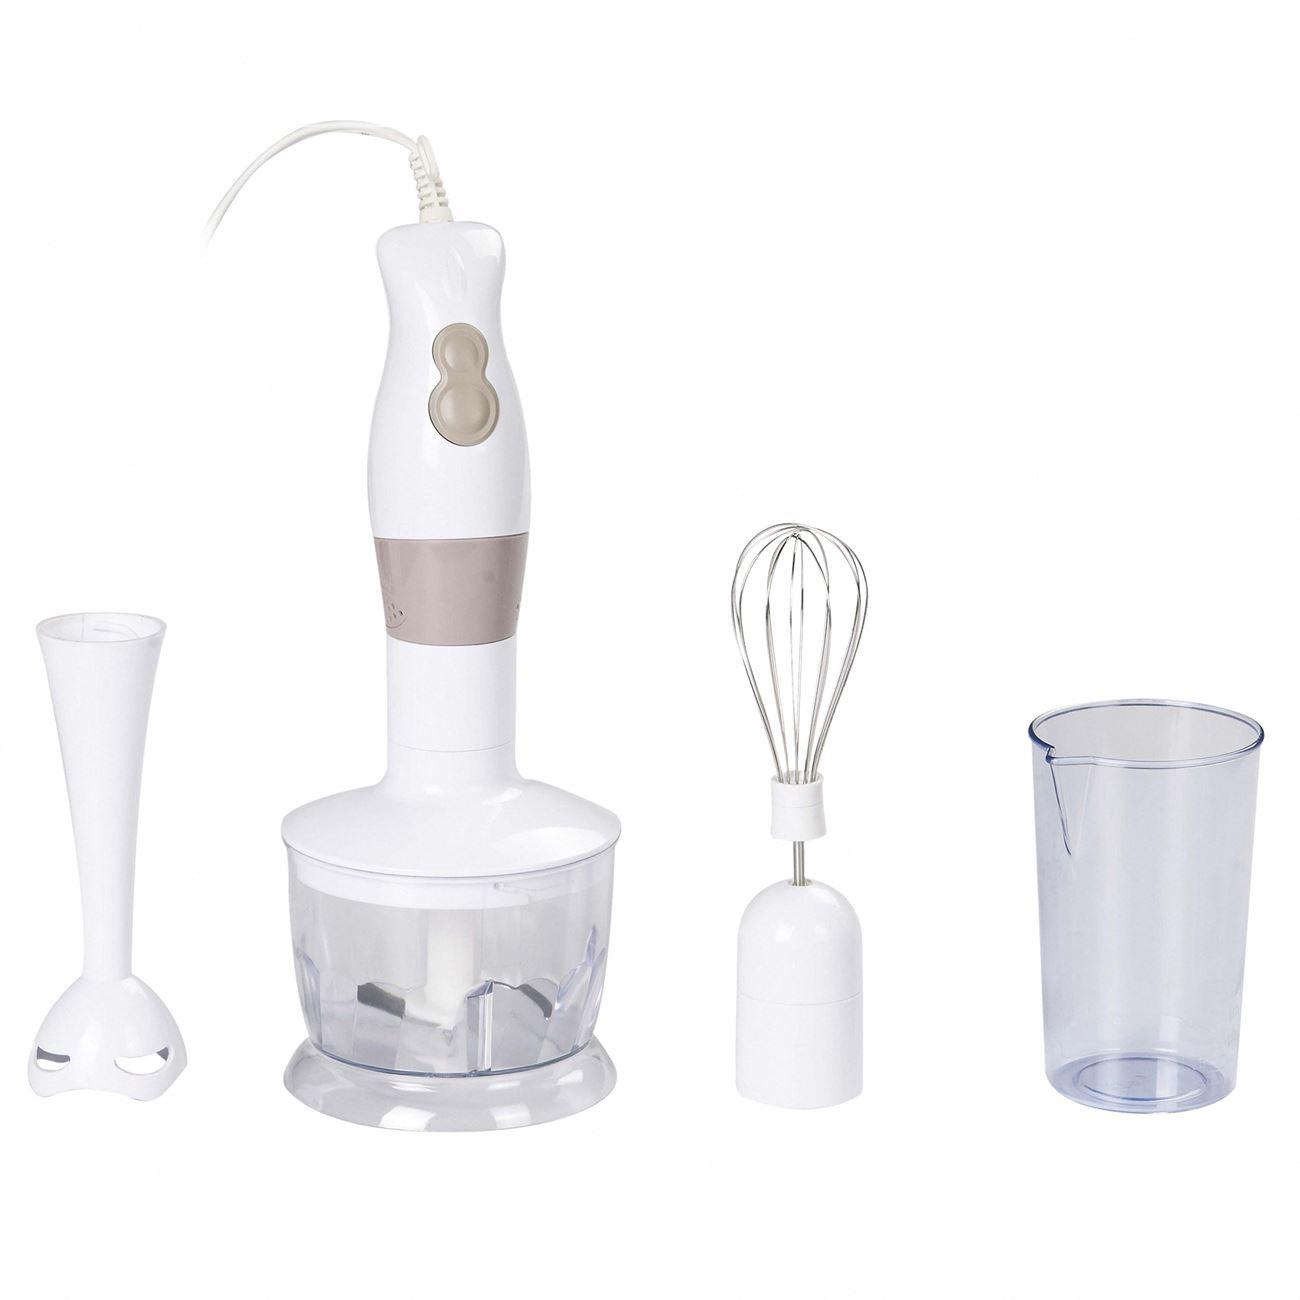 Πολυκόφτες-Μπλέντερ   Ηλεκτρικές Συσκευές Κουζίνας  2c496b3869a